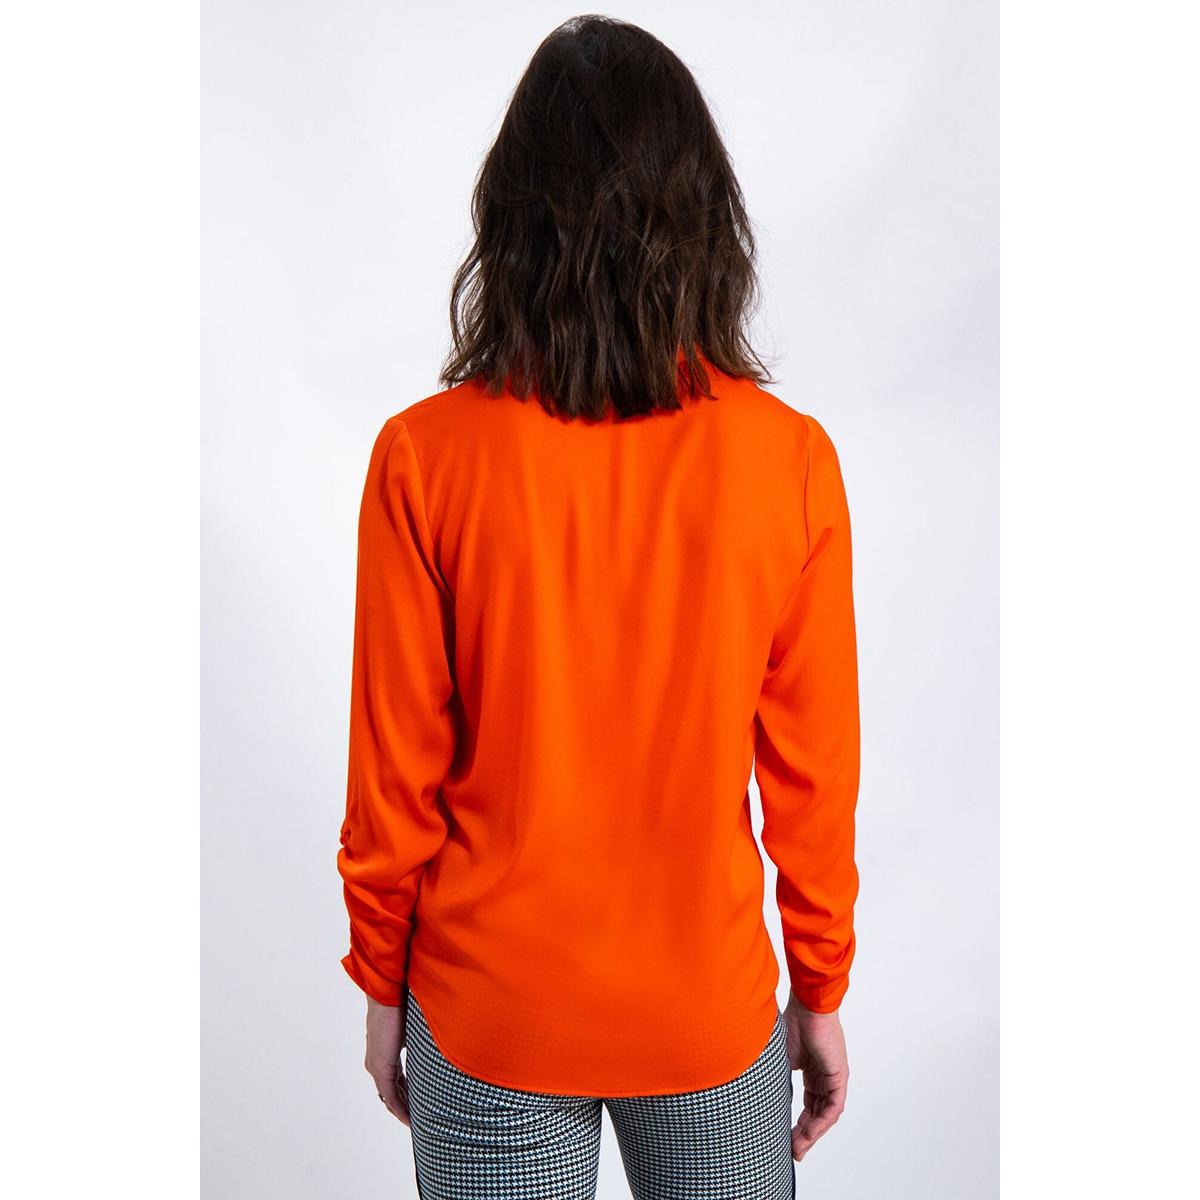 blouse met wrinkle effect j90230 garcia blouse 1220 red orange